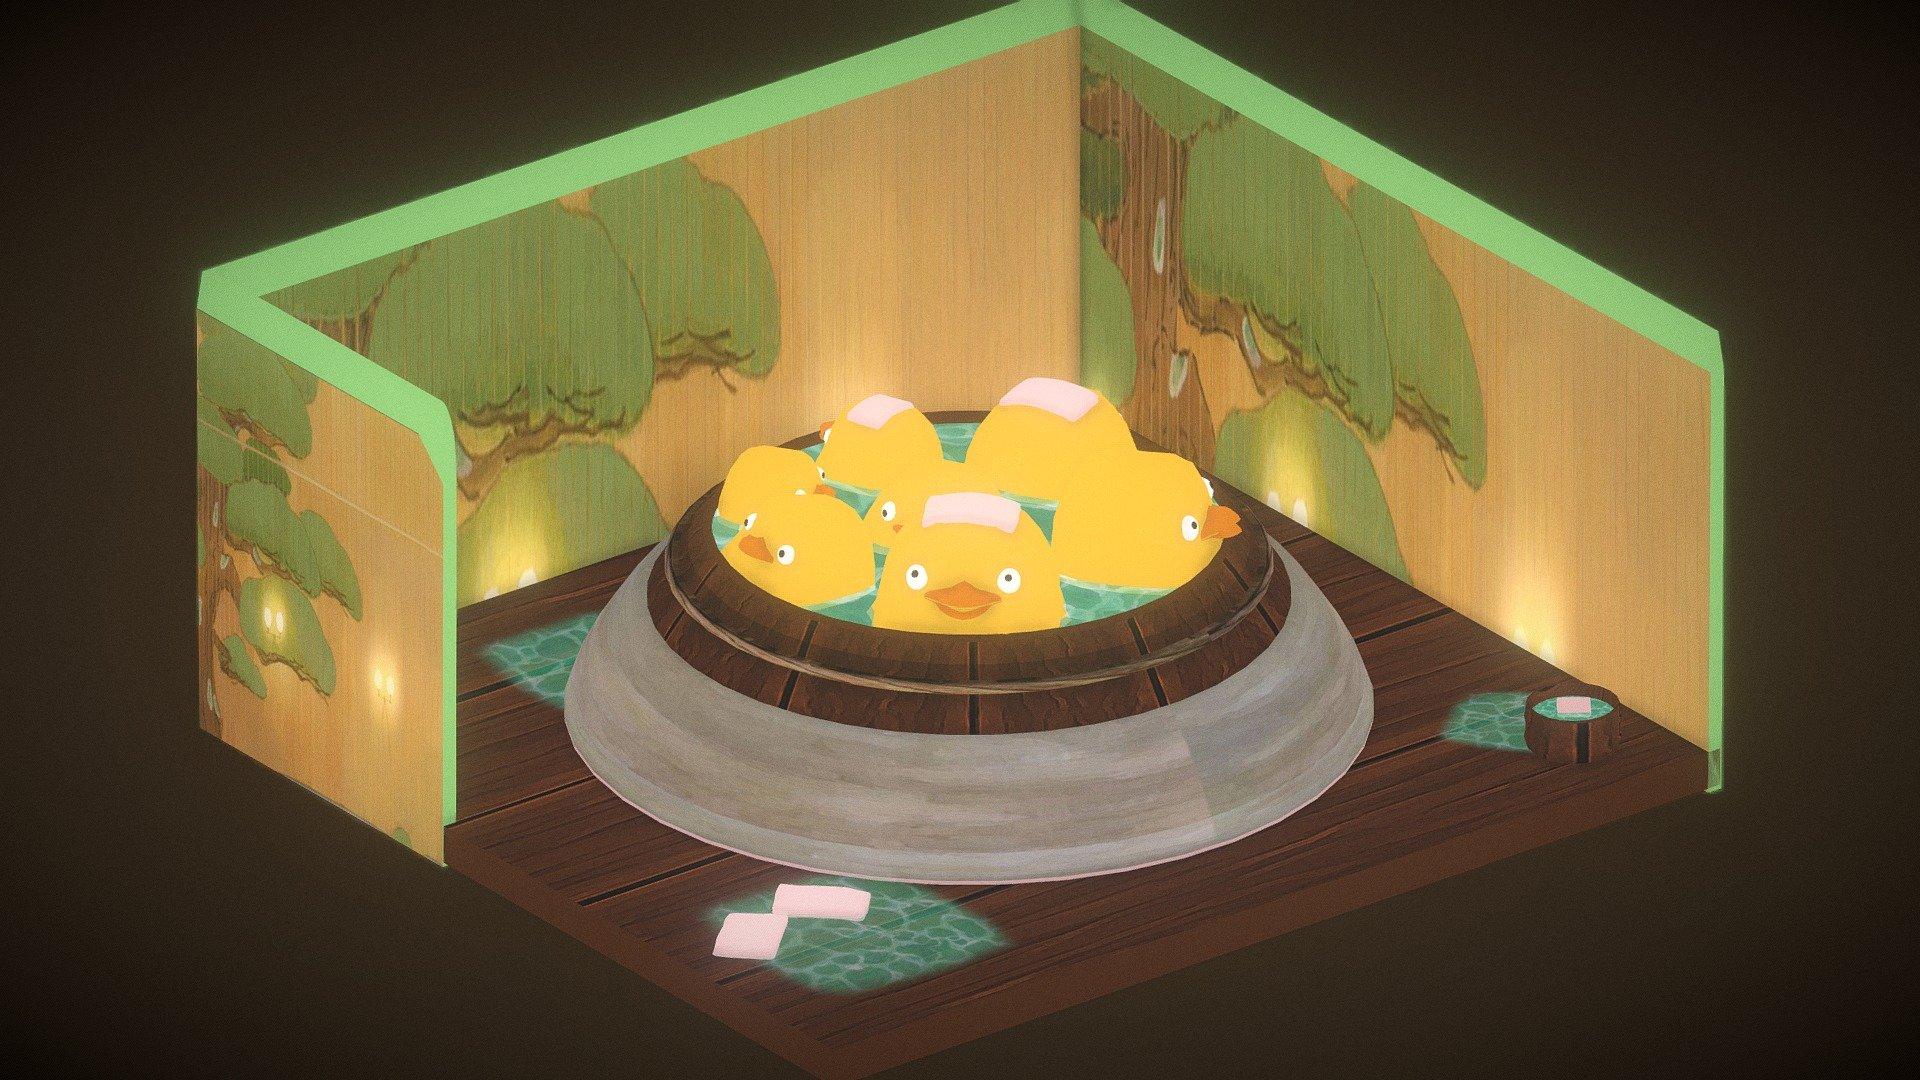 2018 Ghibli Bathing Ducks Spirited Away 3d Model By Asparas Asparas 335099d Sketchfab